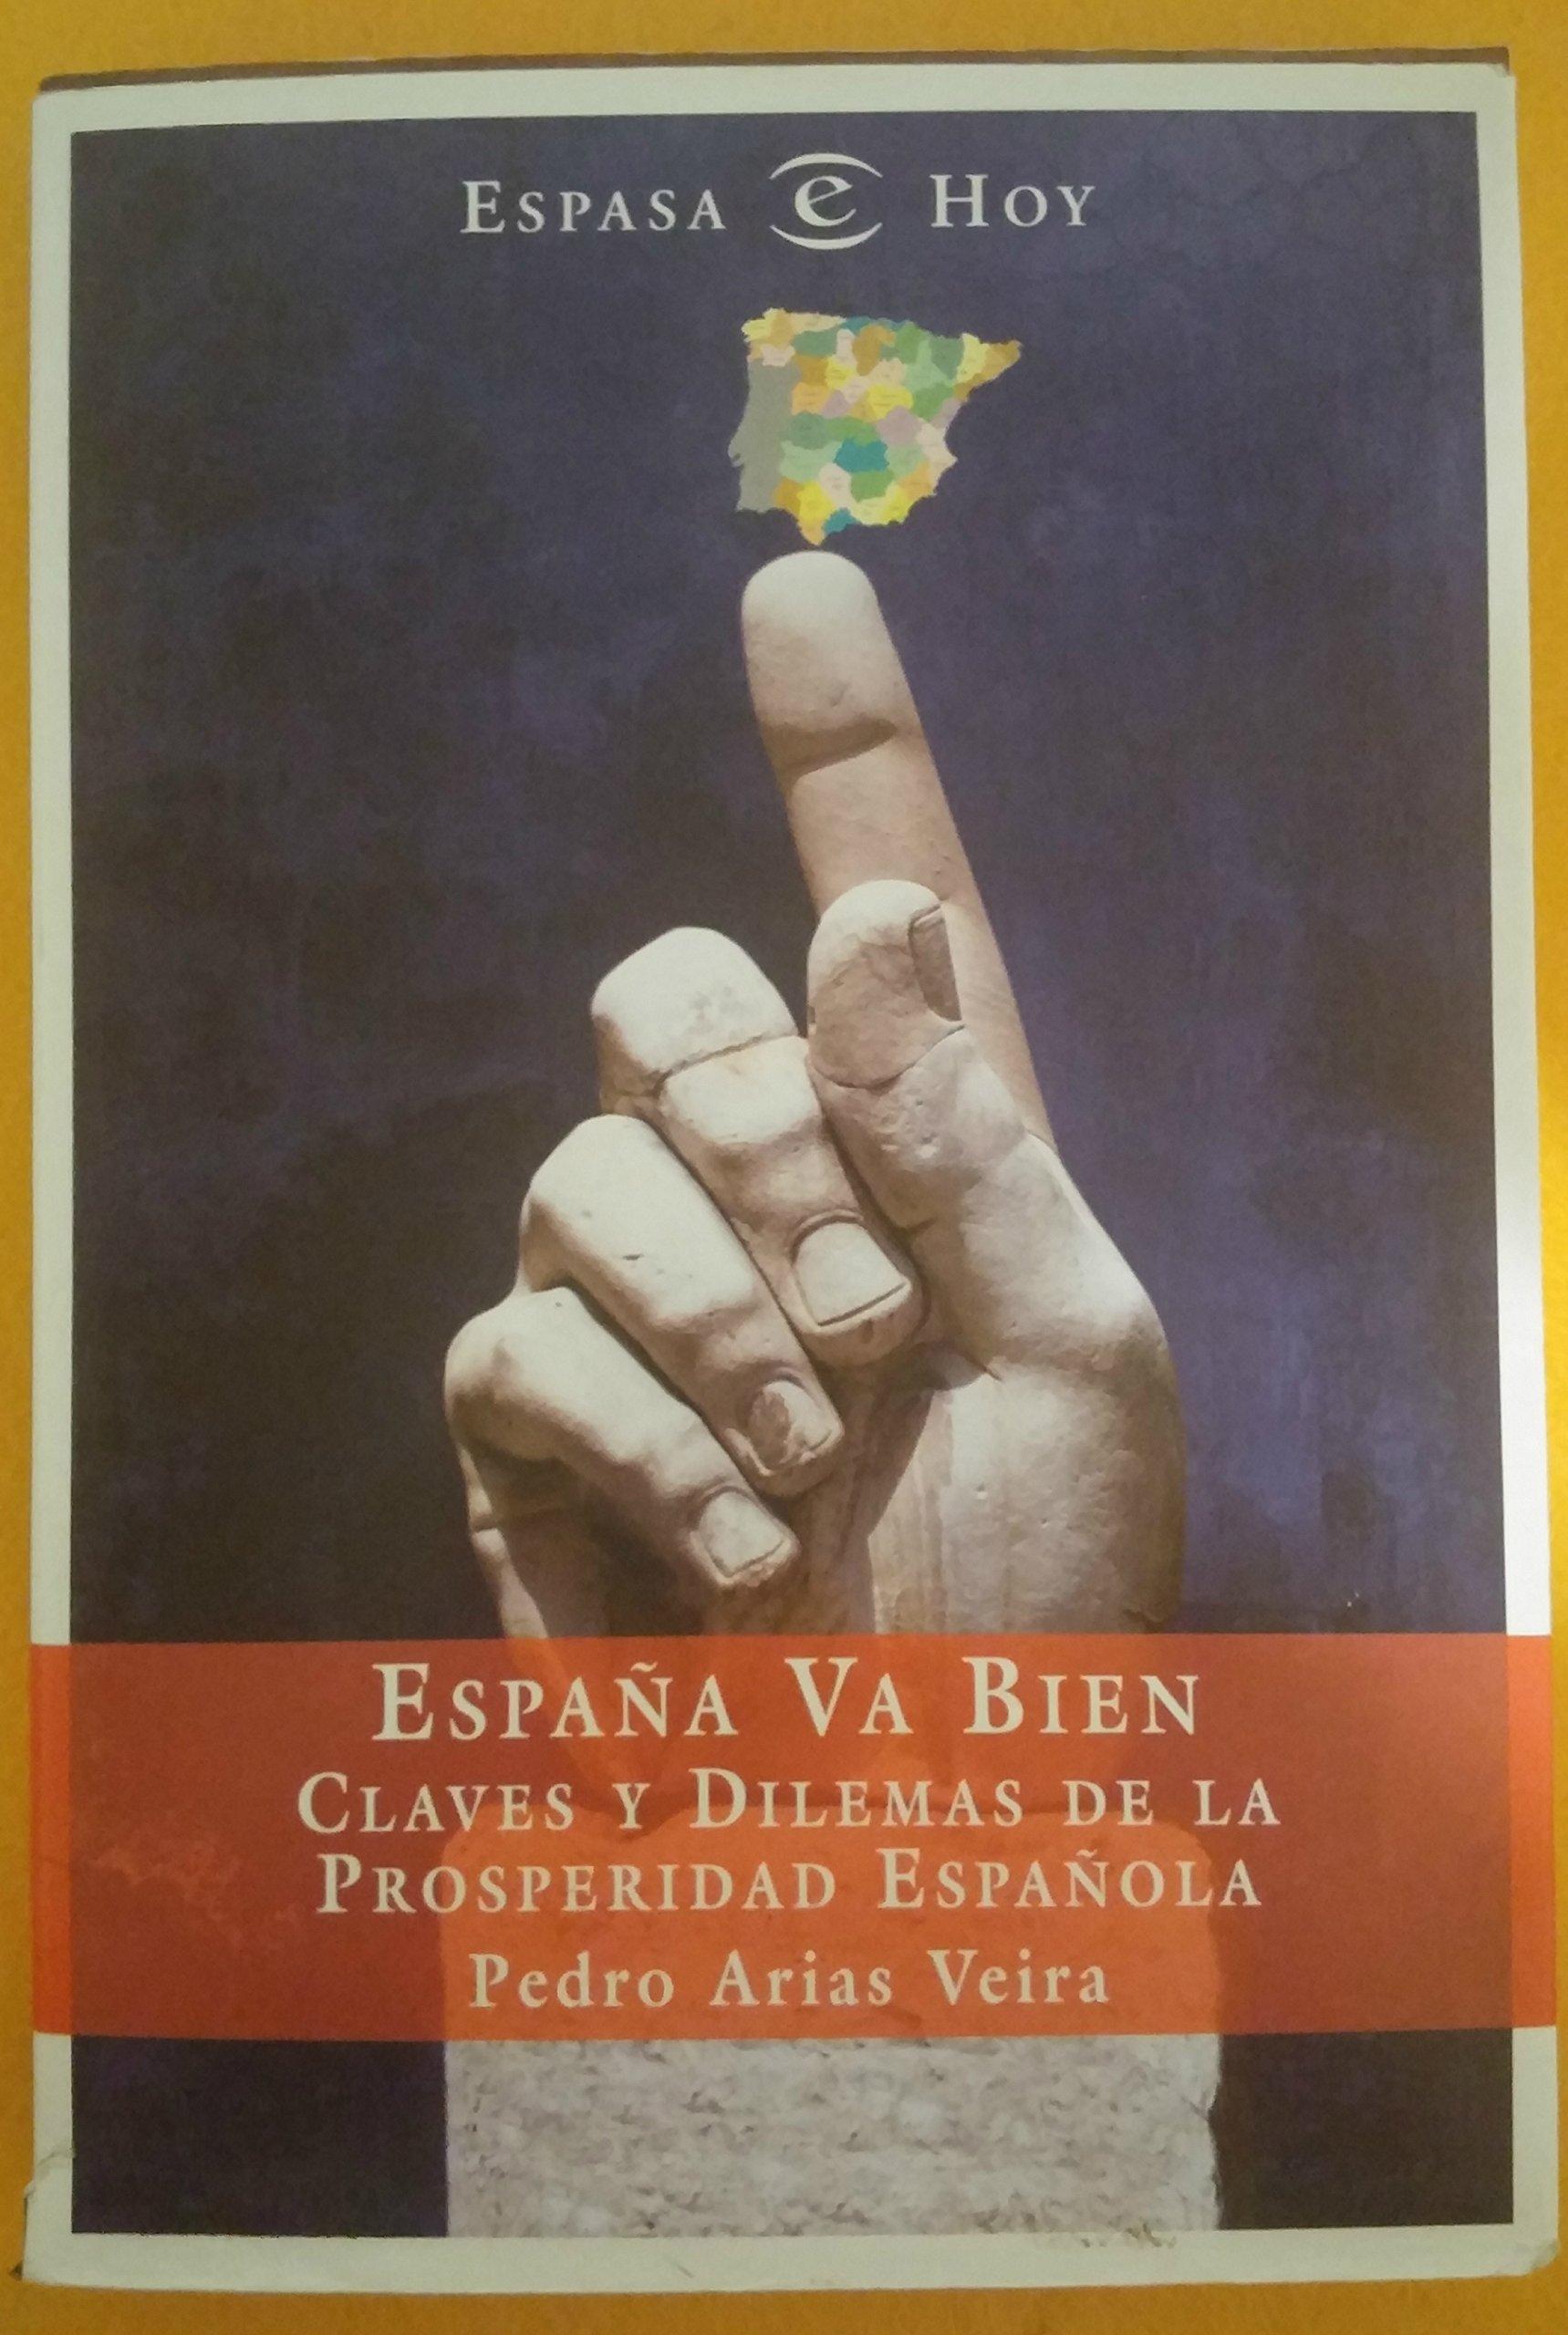 España va bien (Espasa Hoy): Amazon.es: Arias Veira, Pedro: Libros